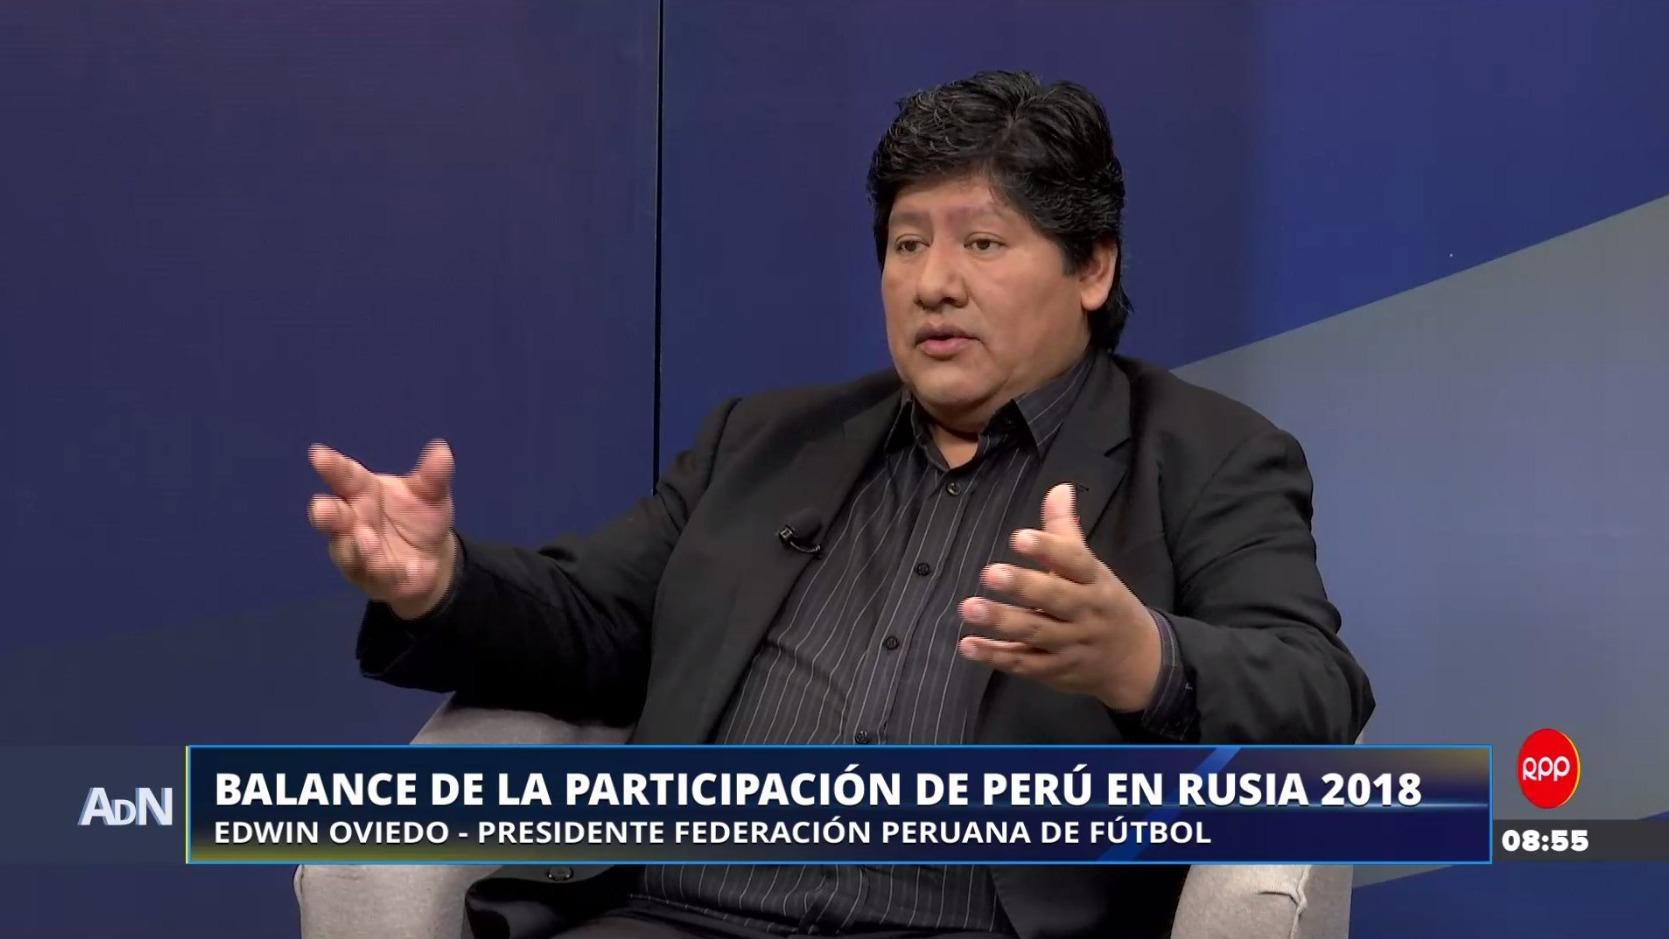 Edwin Oviedo dio detalles sobre los contratos al interior de la Federación Peruana de Fútbol.